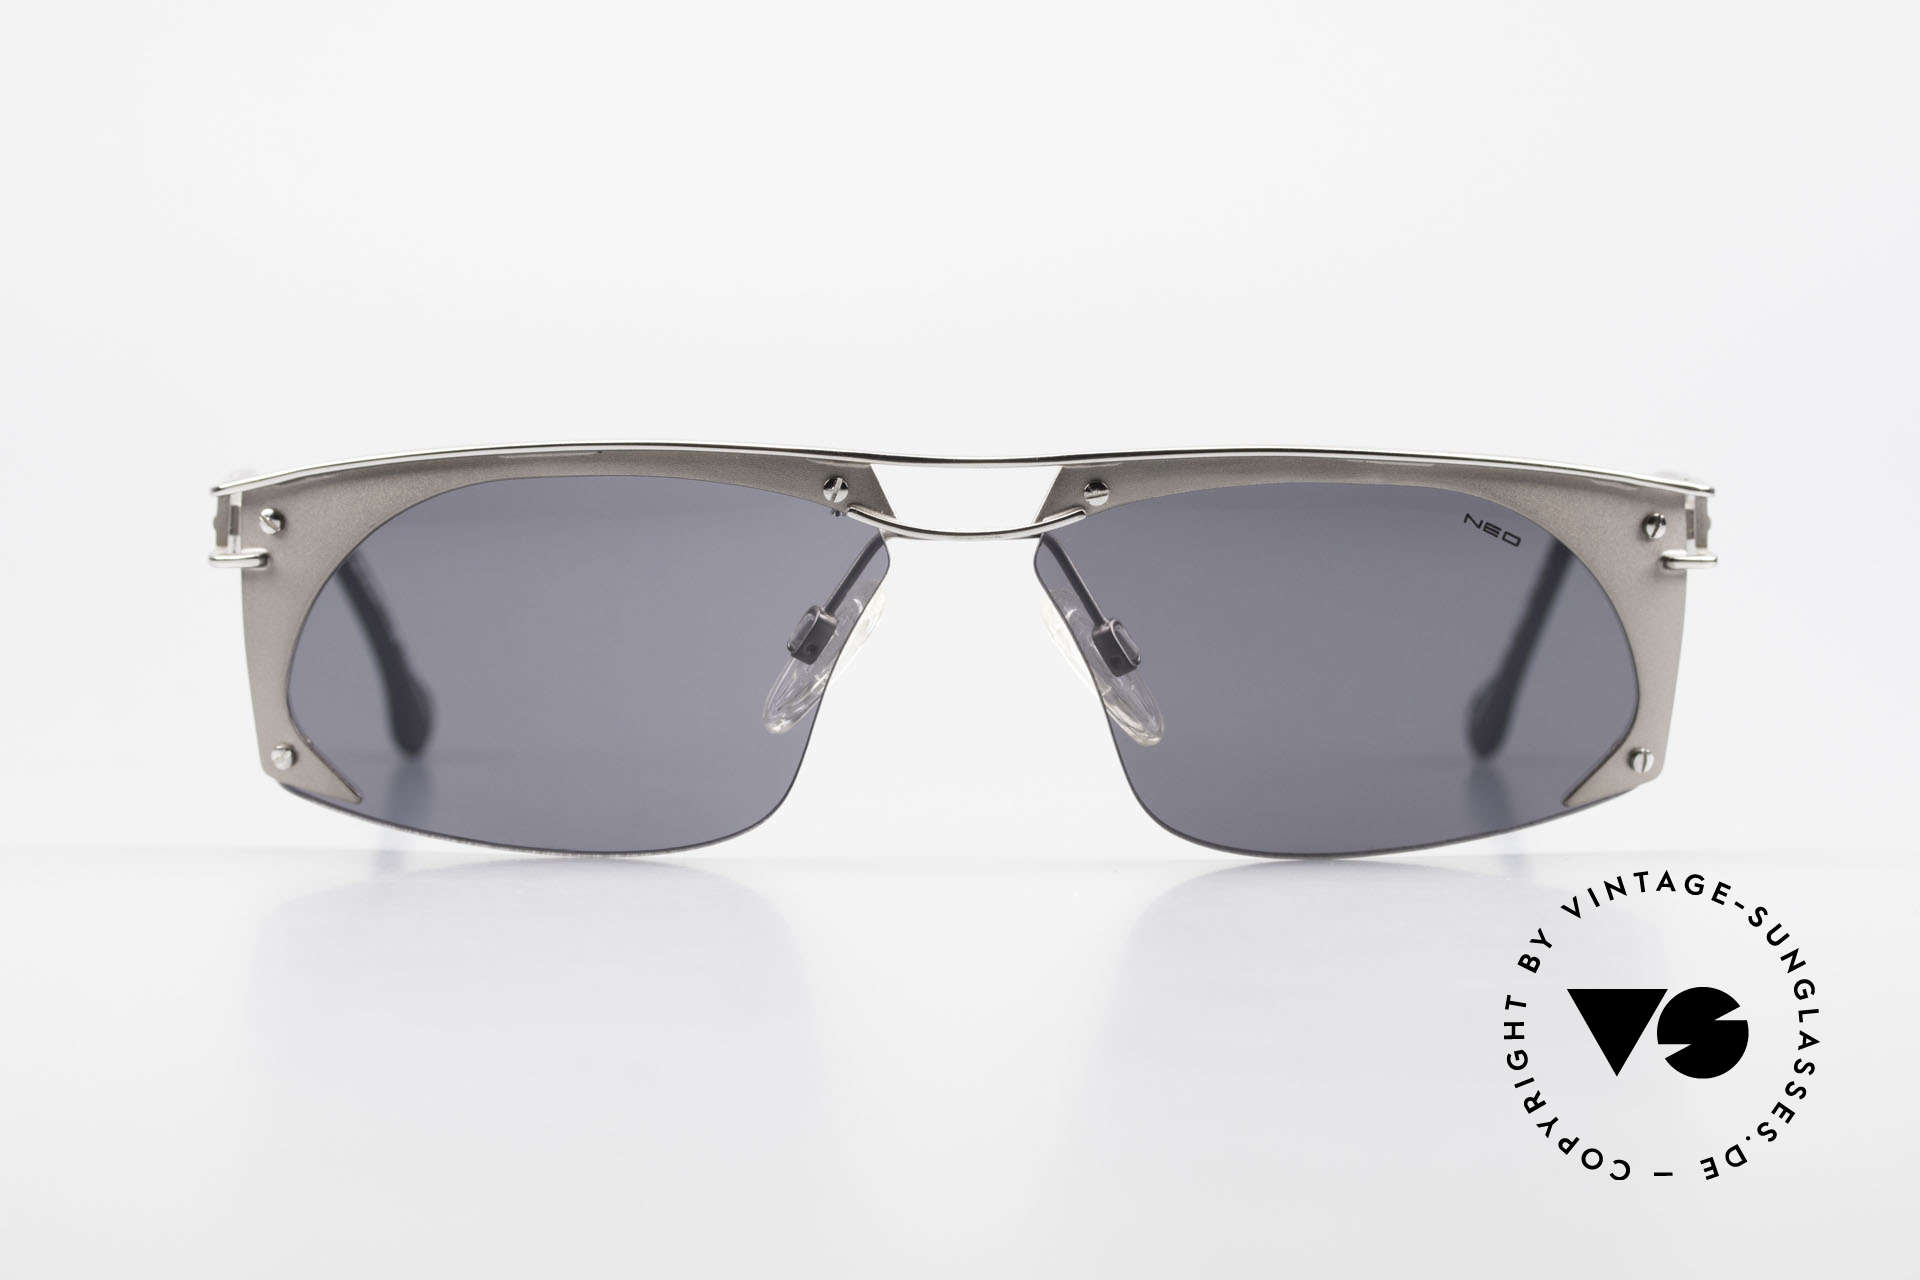 Neostyle Holiday 968 Steampunk Sonnenbrille 90er, spektakuläres Rahmen-Design im 'Industrial-Stil', Passend für Herren